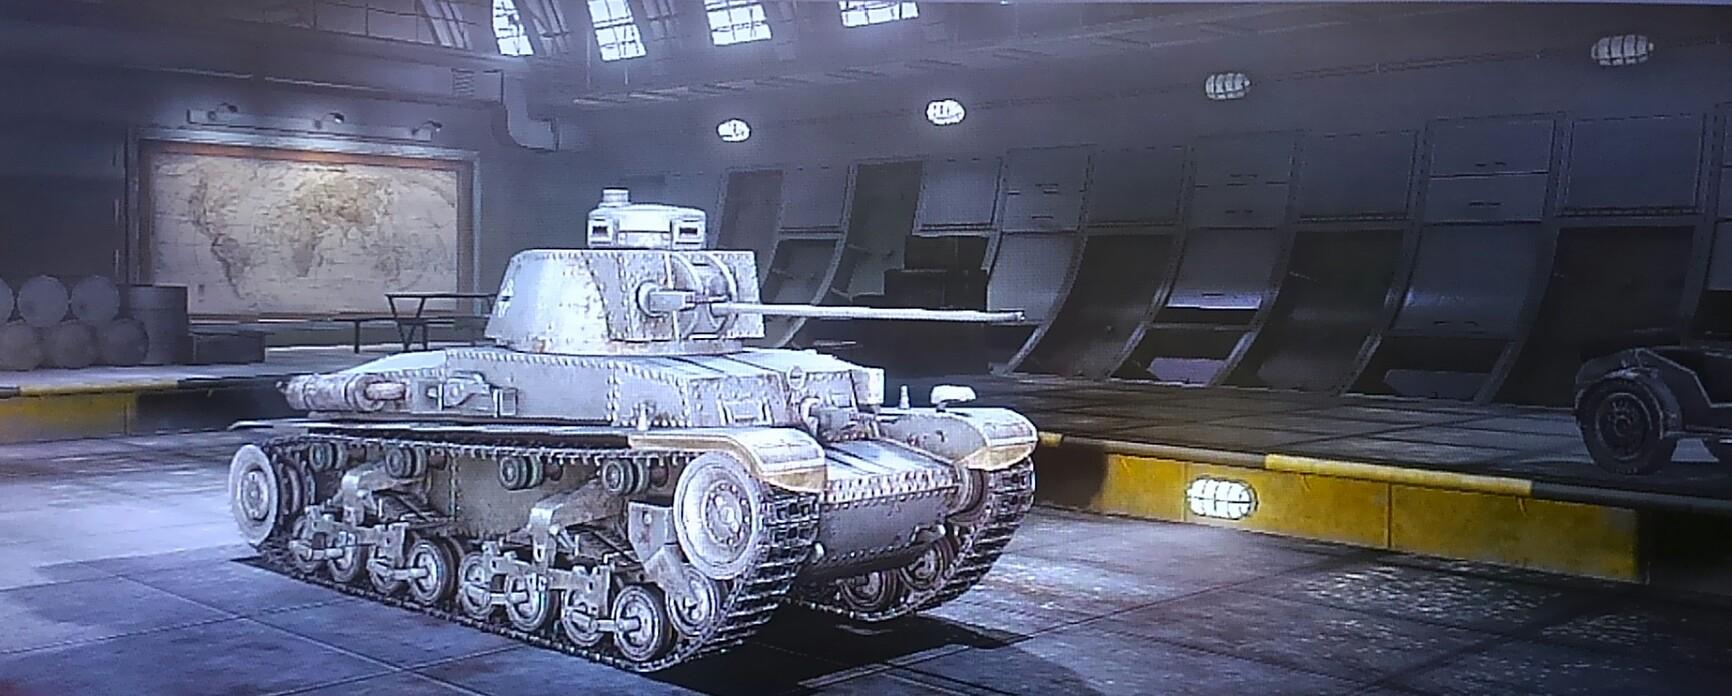 3_PzKpfw_35(t)_Ausf_V.jpg